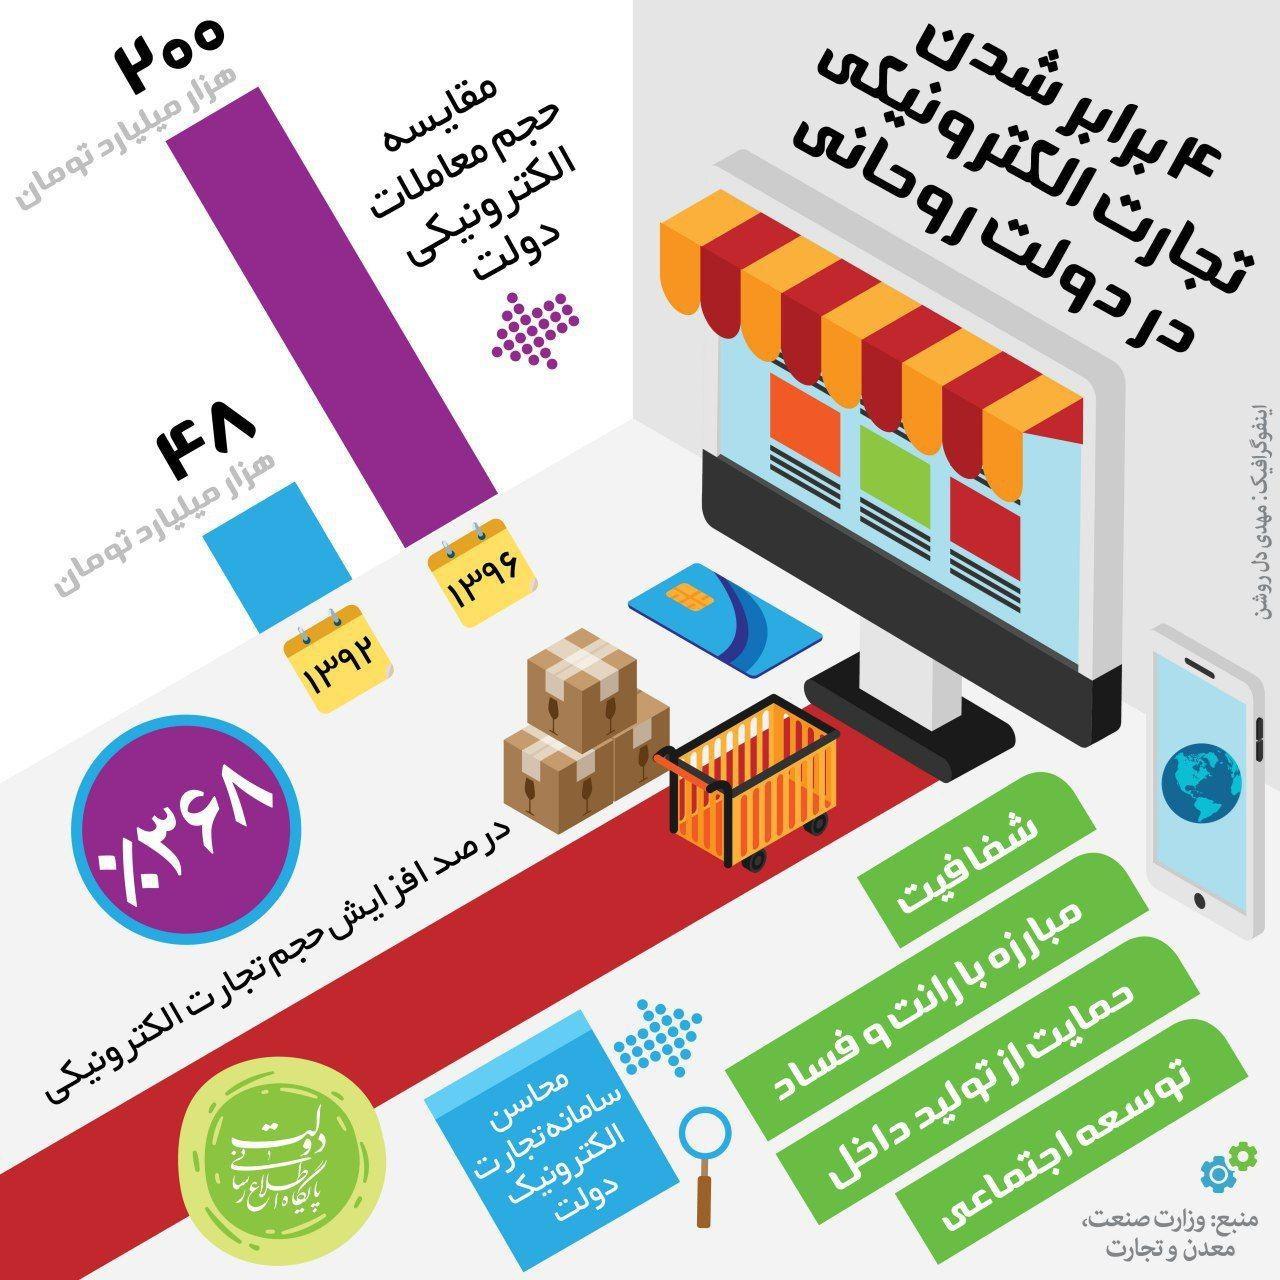 ۴ برابر شدن تجارت الکترونیکی در دولت روحانی